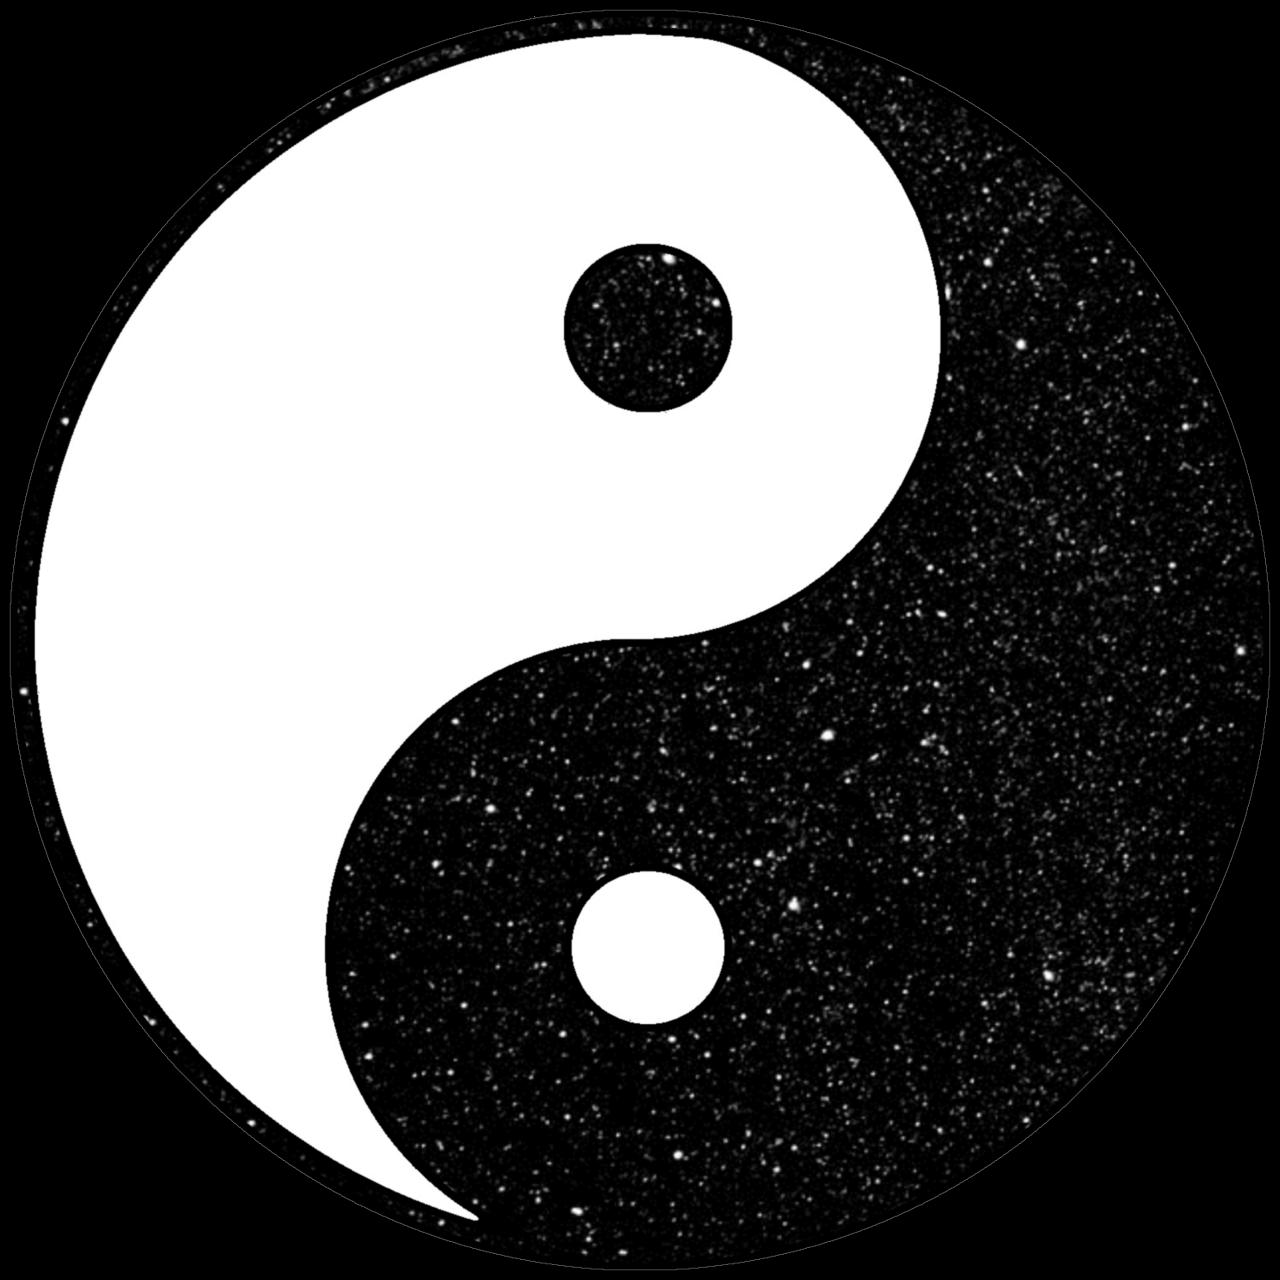 Apple yin yang clipart clip freeuse download Drawing Yin and yang Photography - yin yang 1280*1280 transprent Png ... clip freeuse download